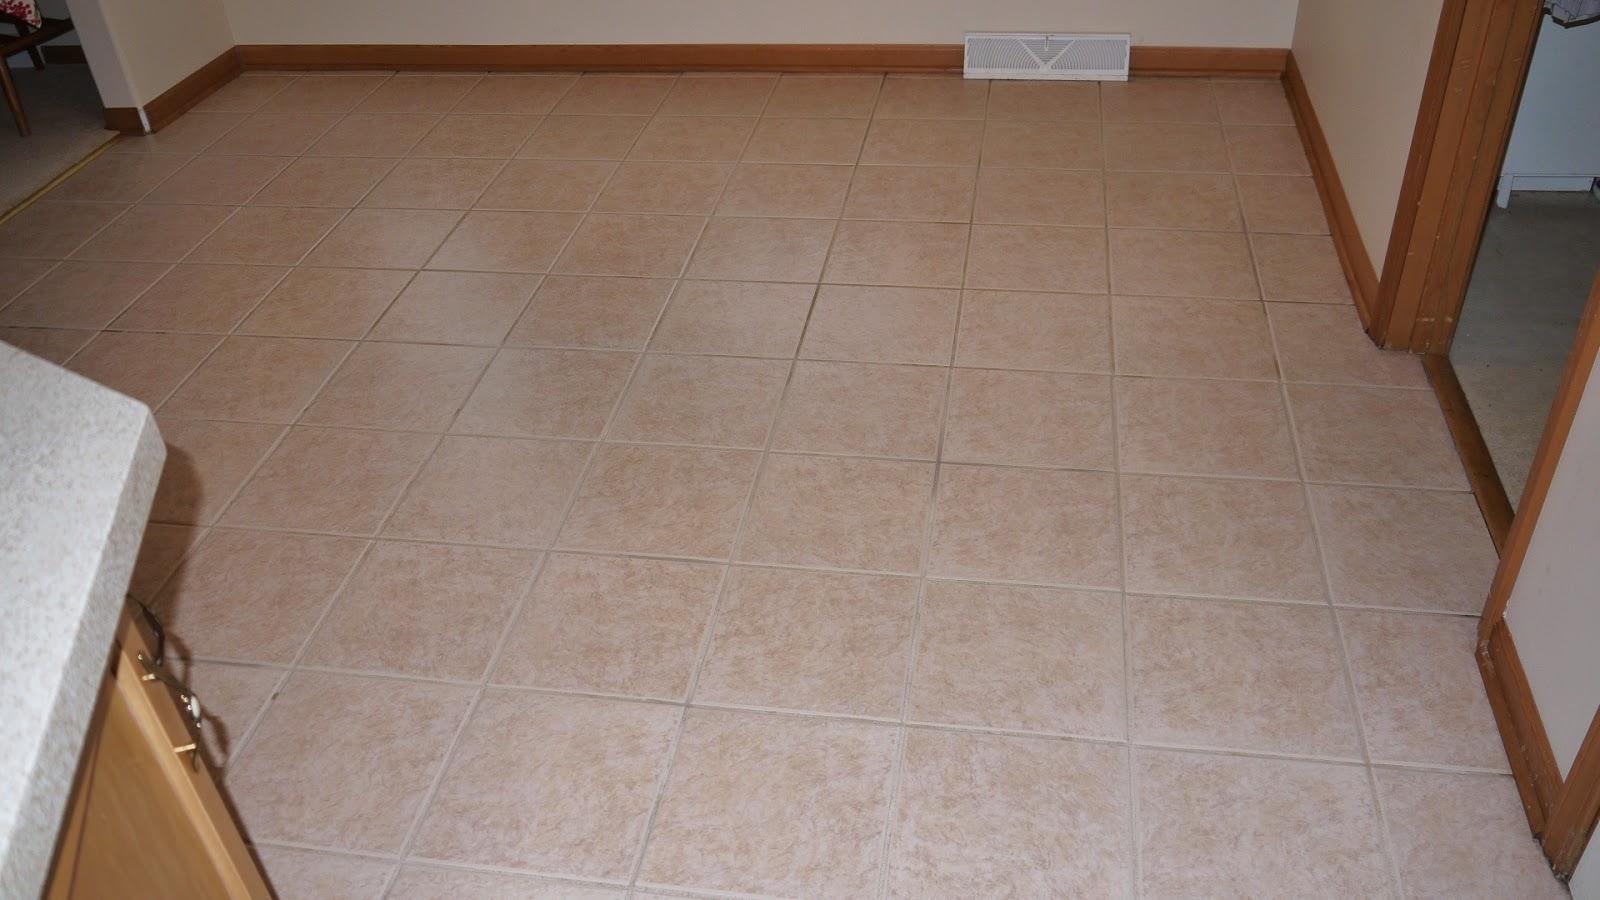 Cooper's Carpet Cleaning & Floor Care